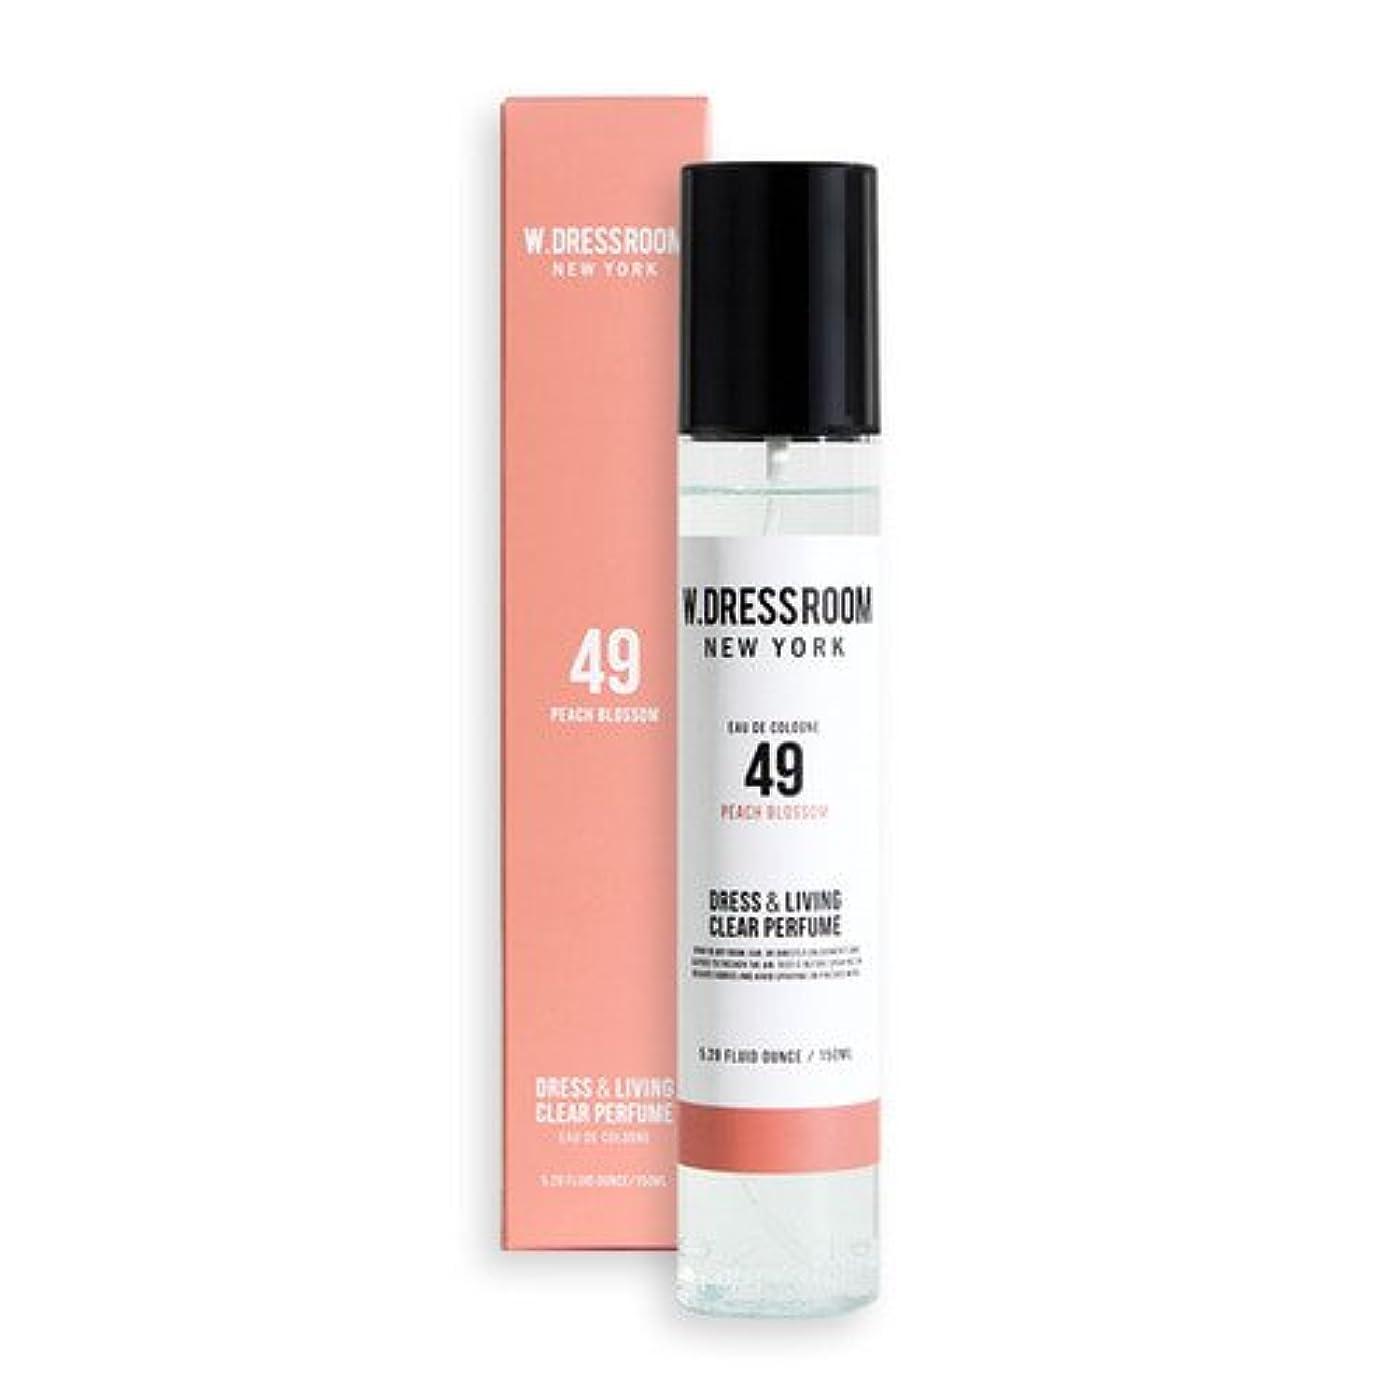 メイエラコンパス経度W.DRESSROOM Dress & Living Clear Perfume 150ml/ダブルドレスルーム ドレス&リビング クリア パフューム 150ml (#No.49 Peach Blossom) [並行輸入品]